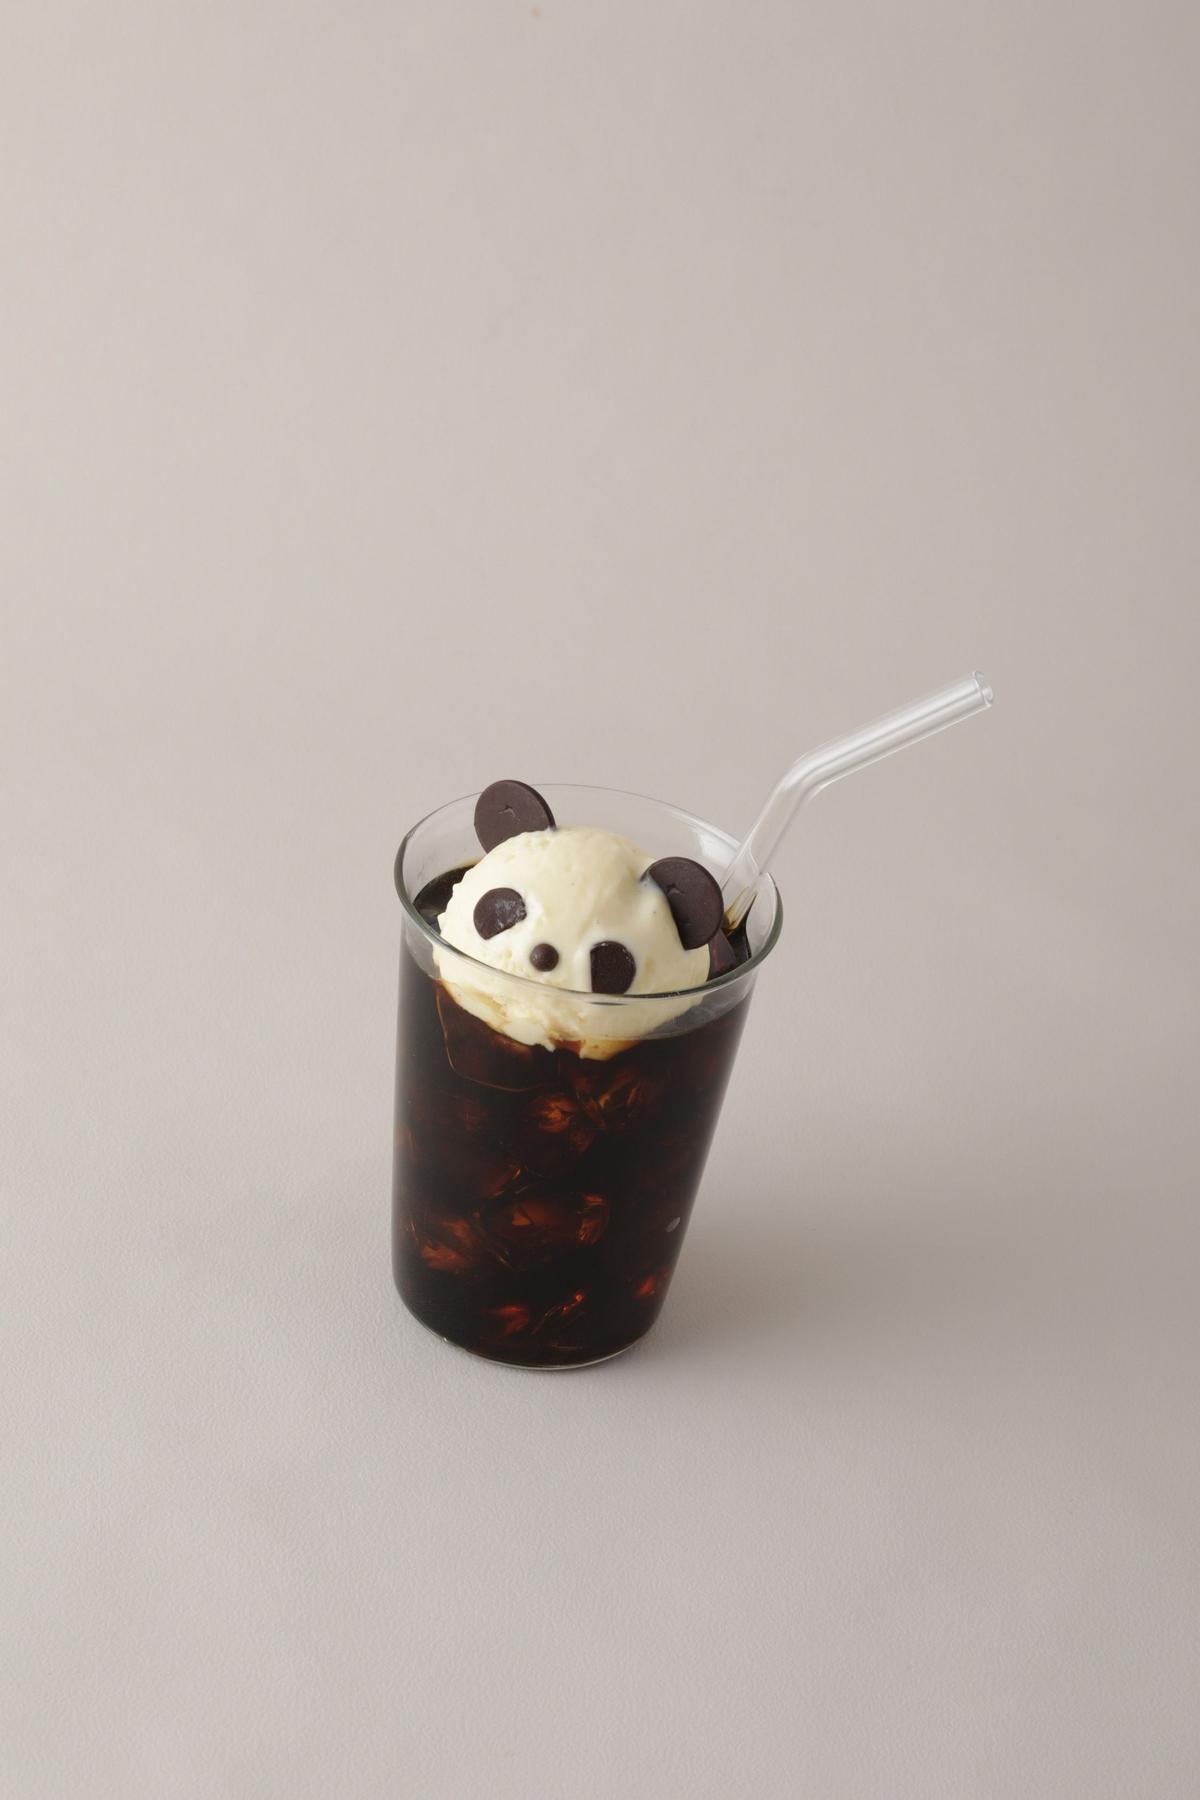 整個萌哭!《gelato pique café》限定熊貓系列登場!還有多款周邊都爆炸可愛